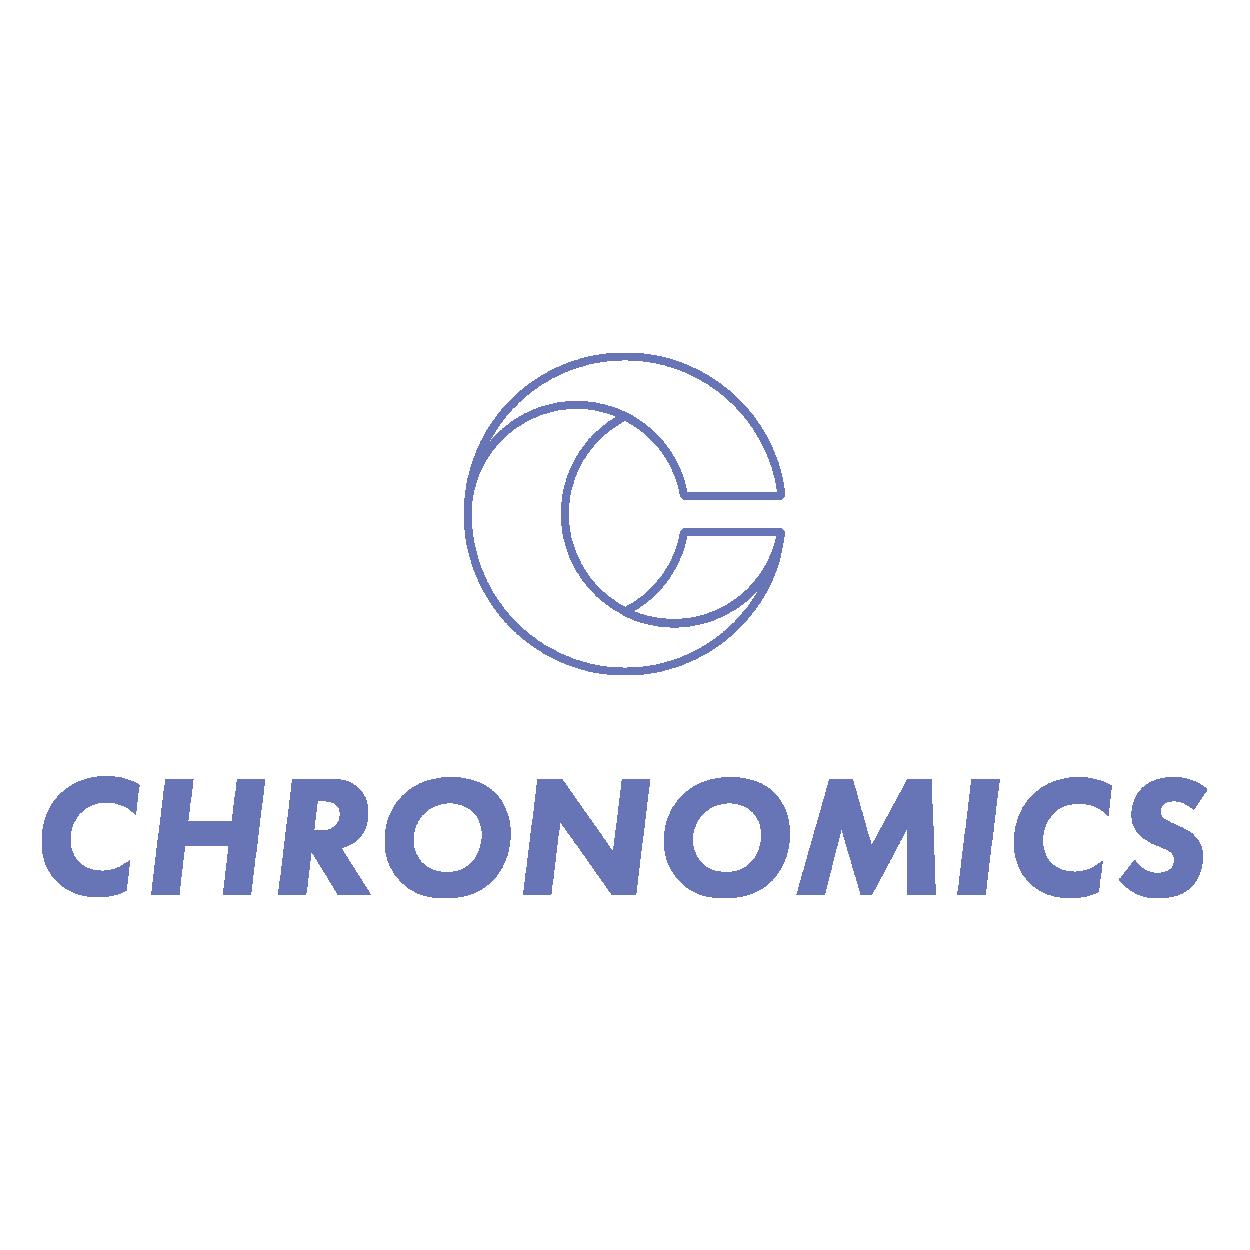 Chronomics-01